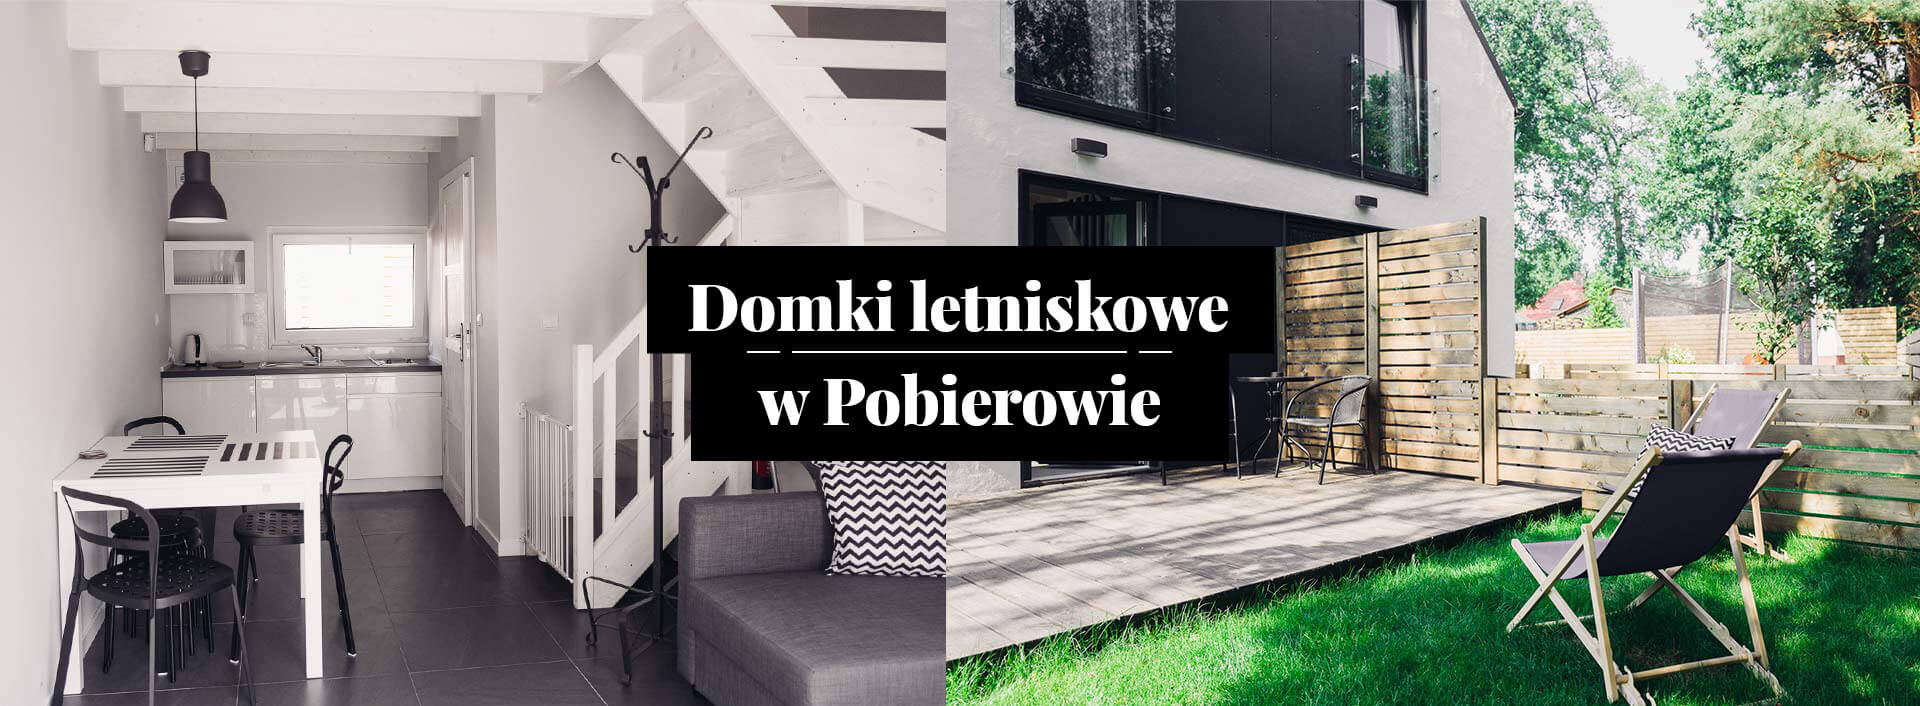 Domki letniskowe Skandynawskie Domy Pobierowo